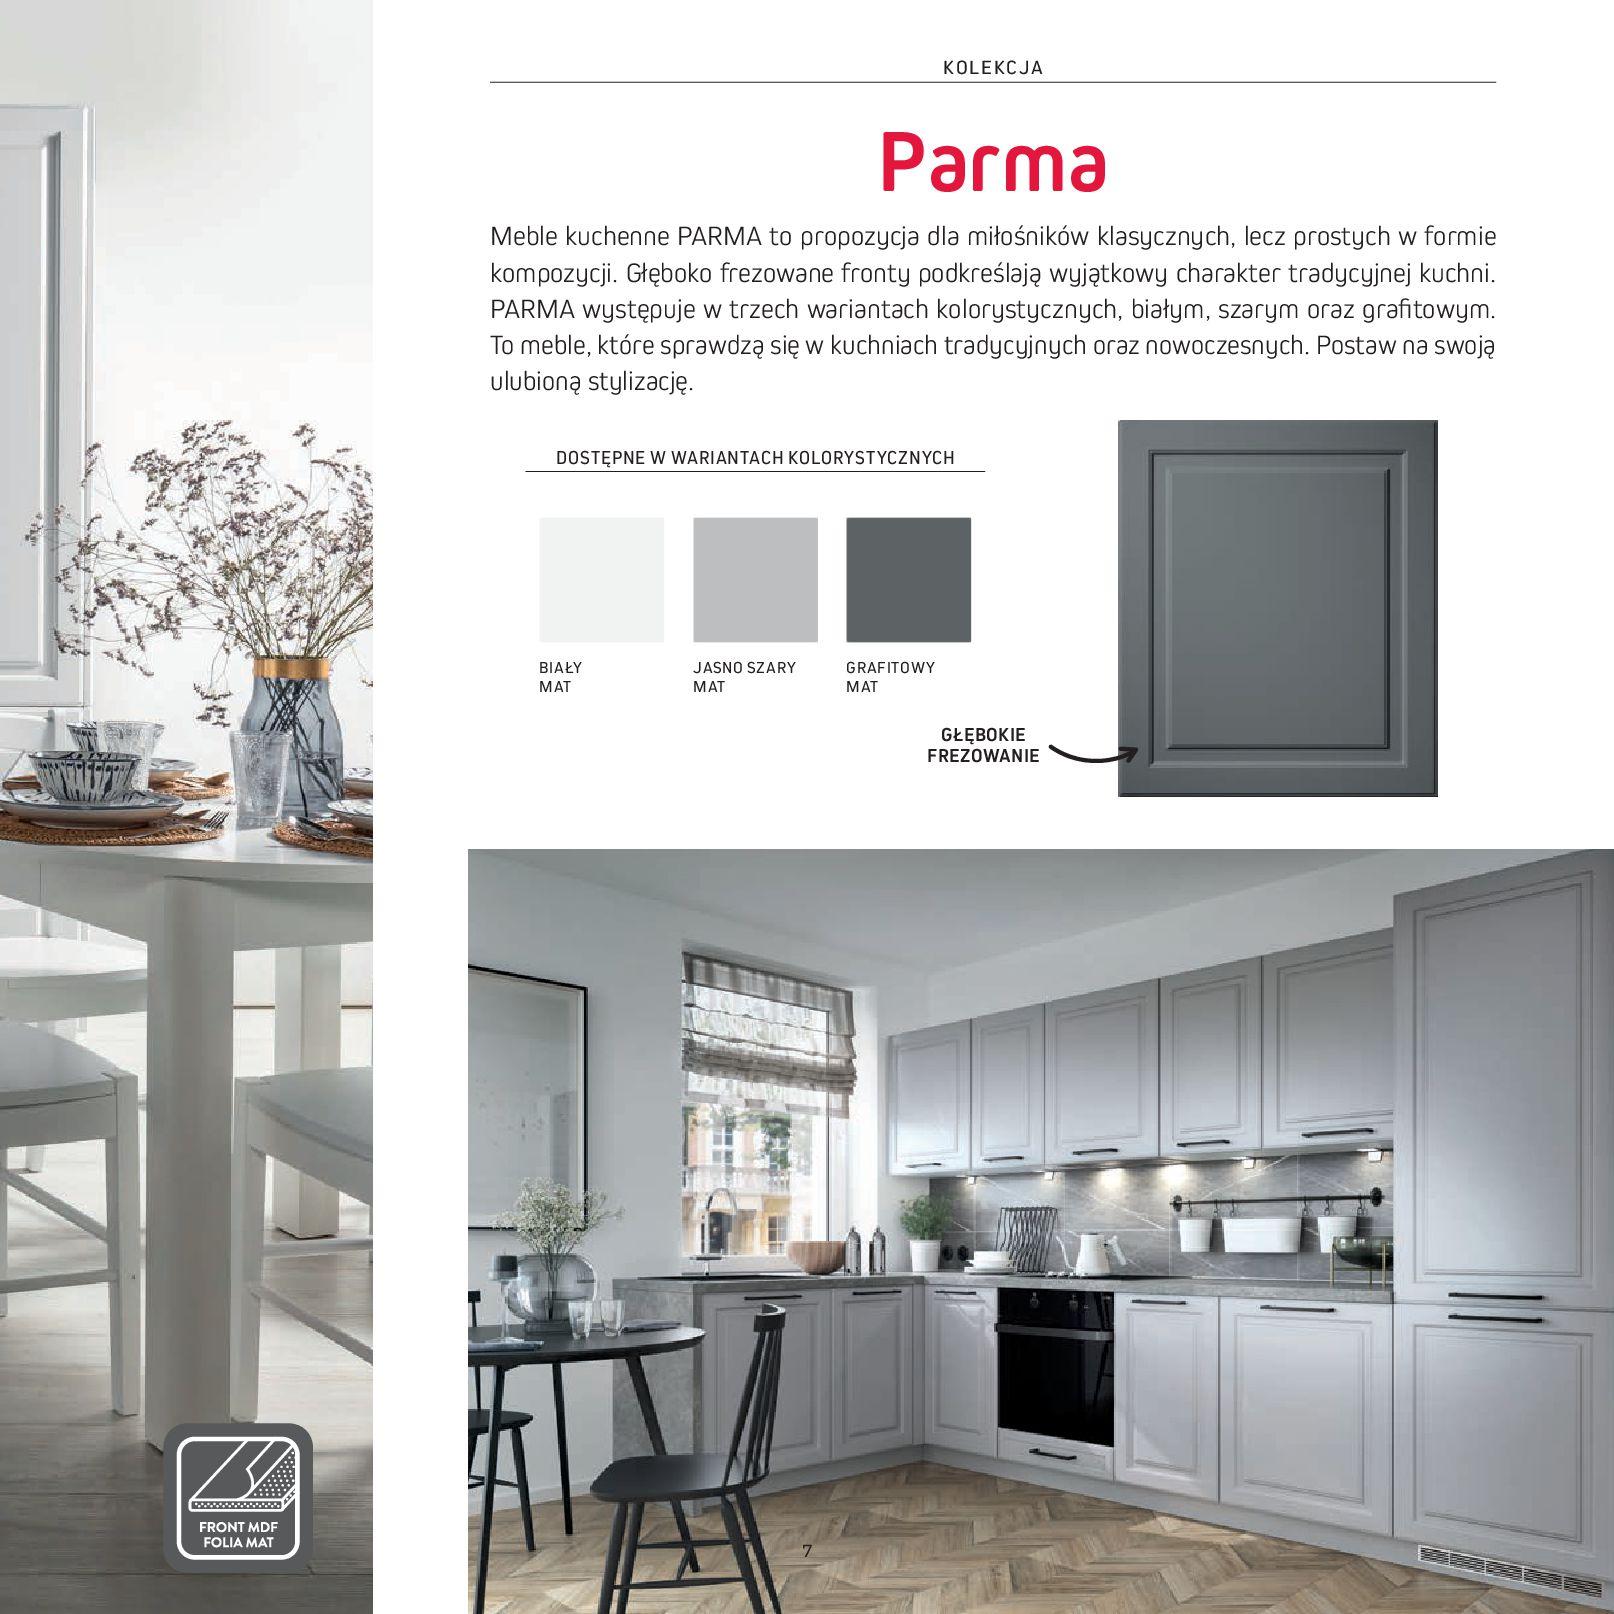 Gazetka Komfort: Gazetka Komfort - Katalog Kuchnie 2021 2021-06-16 page-9